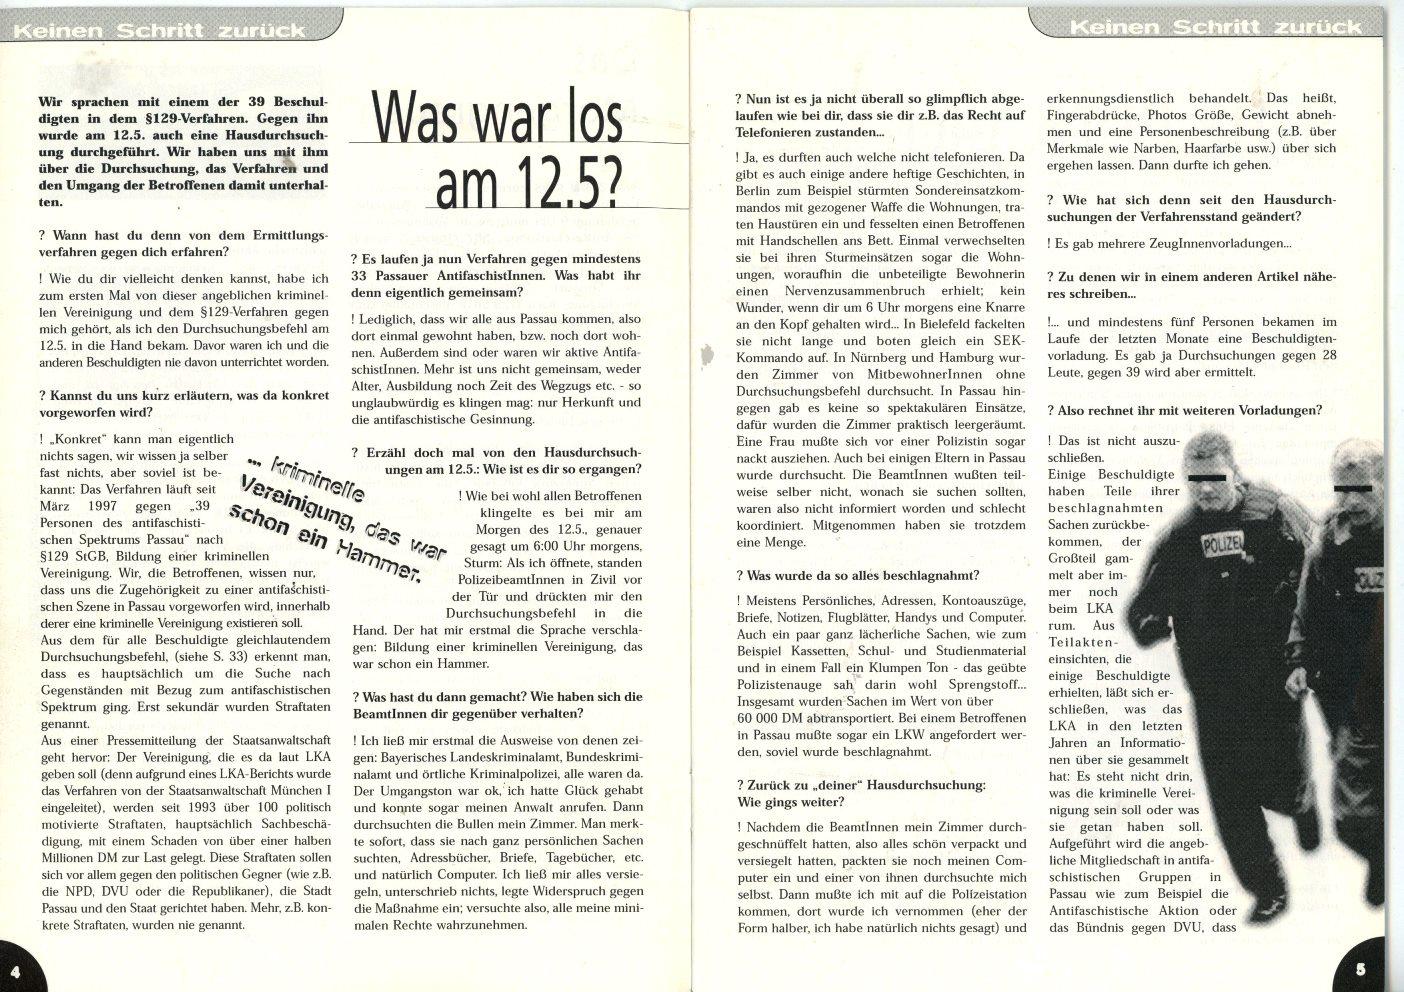 Passau_RH_1998_Keinen_Schritt_zurueck_03